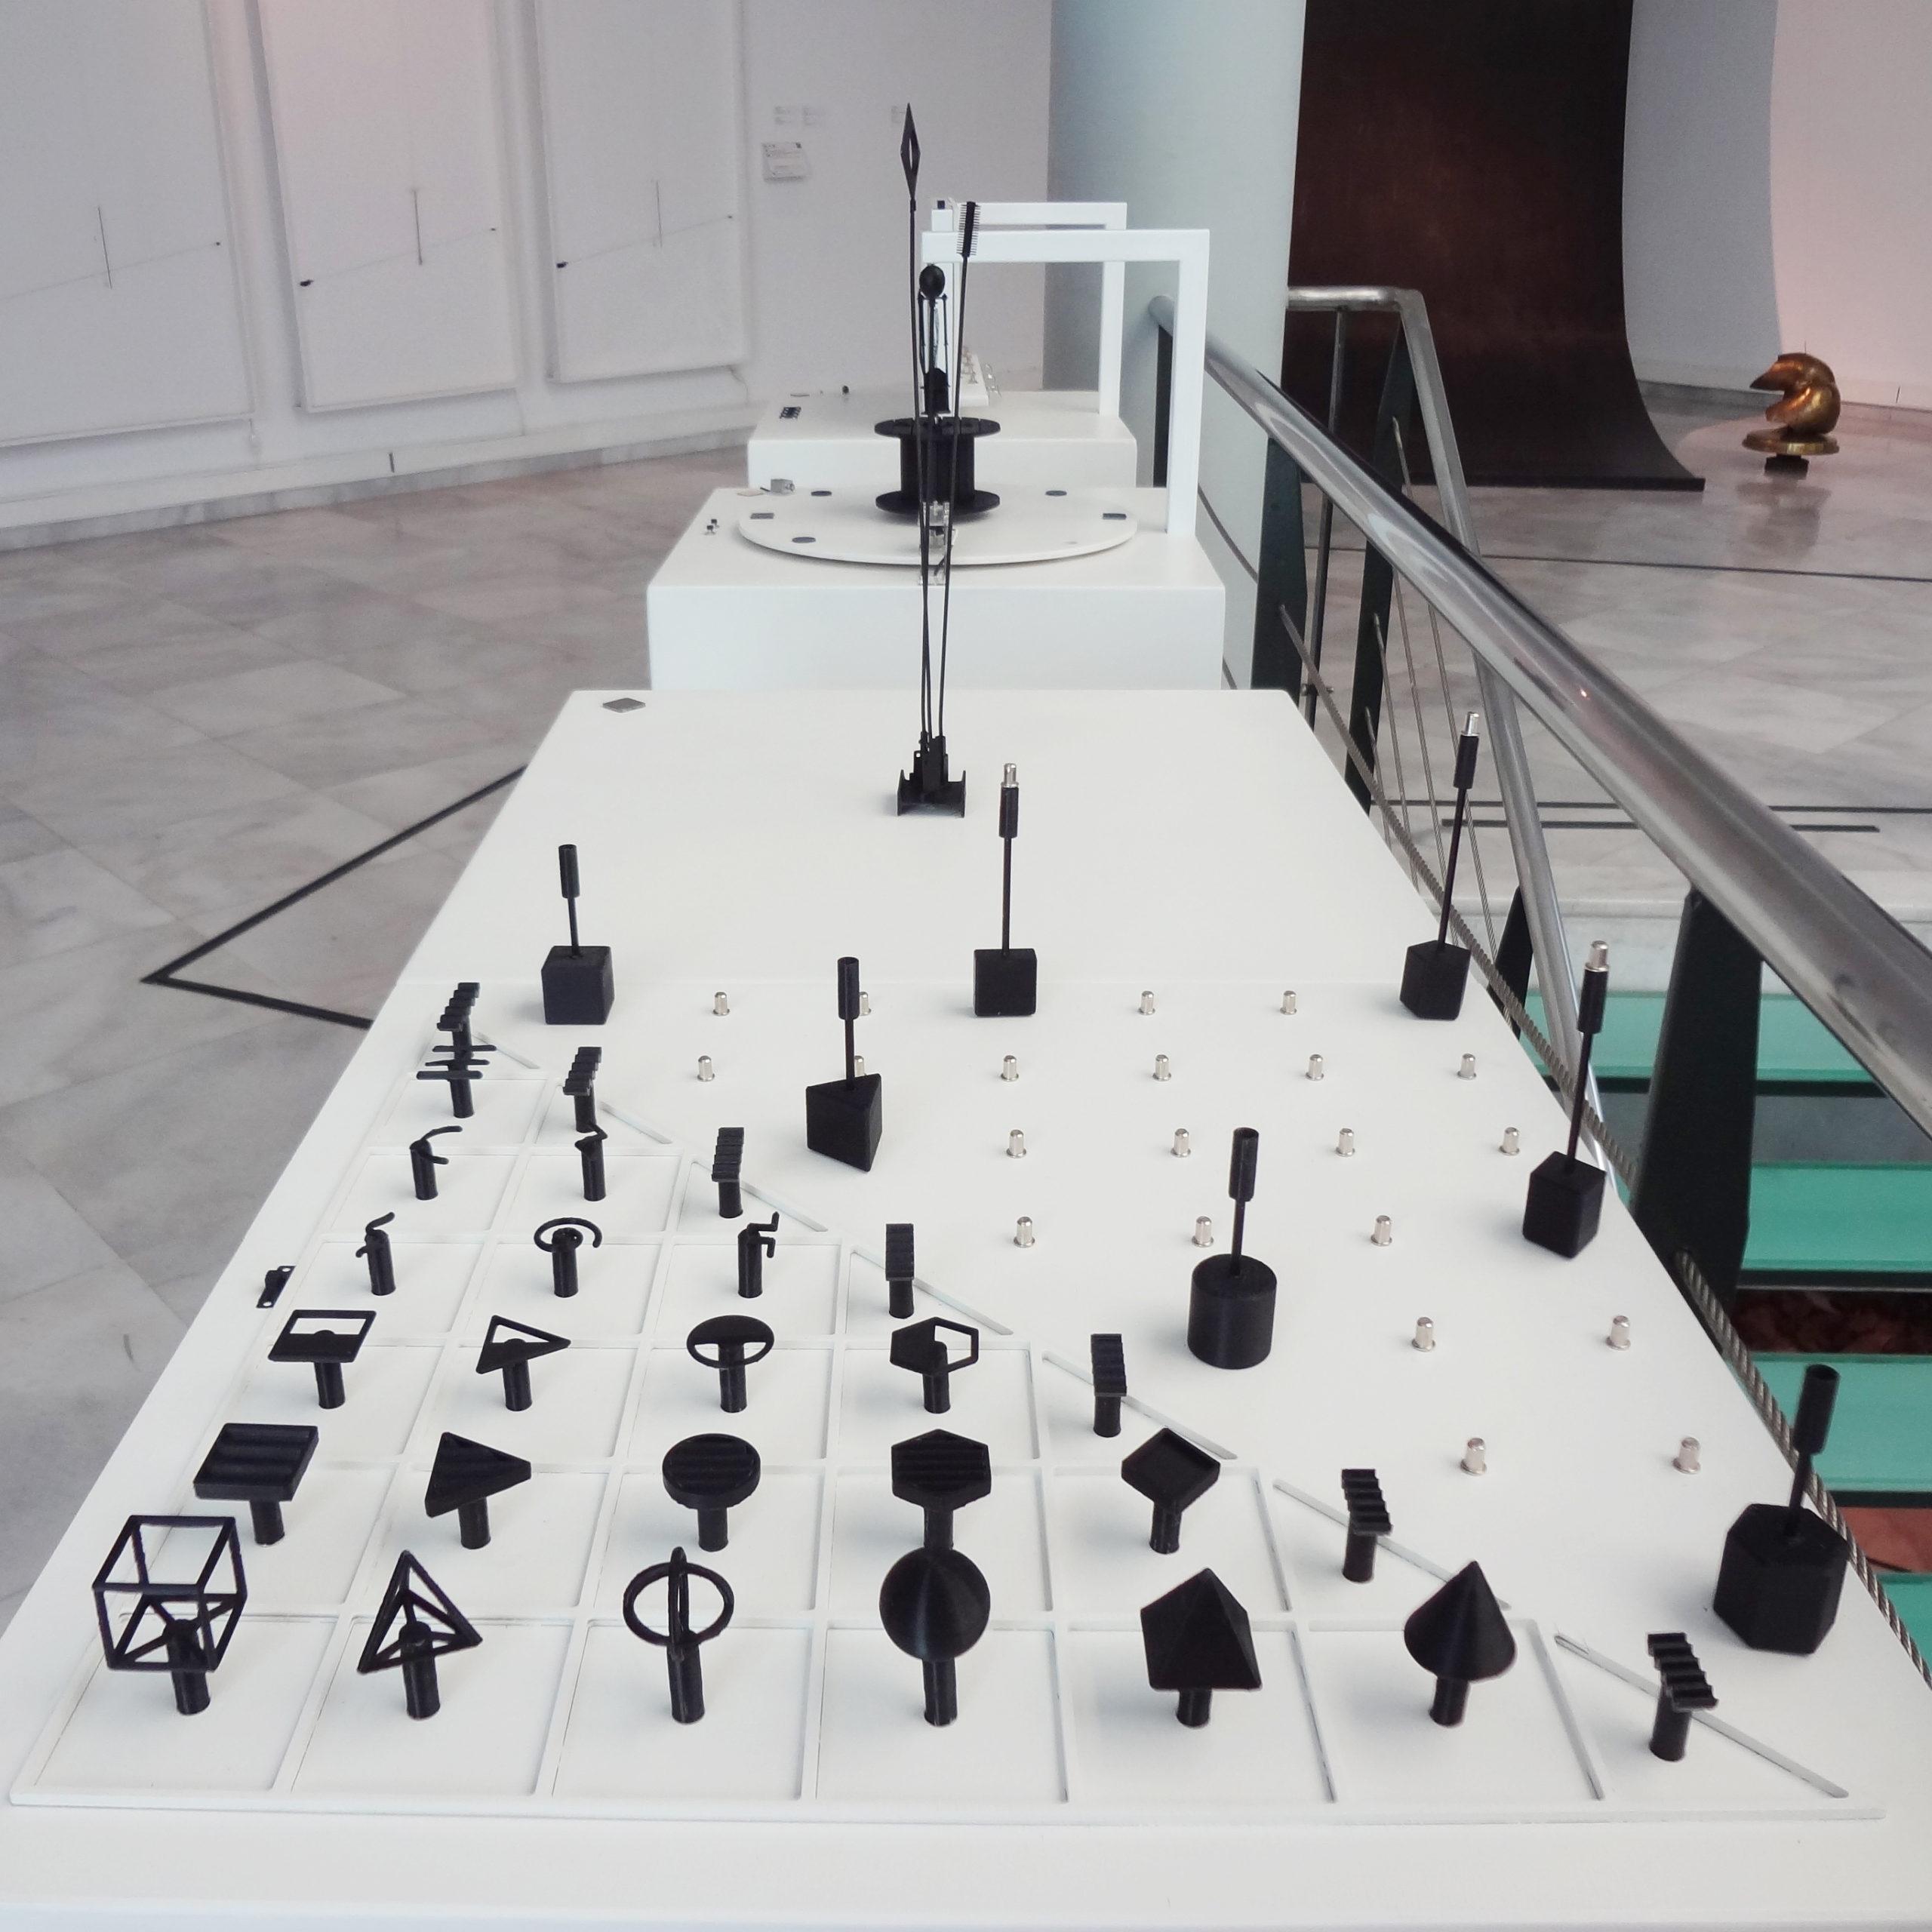 Όπτική από πάνω. Διαδραστικά Μουσειοπαιδαγωγικά Αντικείμενα για την ερμηνεία των έργων Σινιάλα, Μουσικό και Ηχητικό του καλλιτέχνη Τάκις, της συλλογής του MOMus-Μουσείου Σύγχρονης Τέχνης. Τρια λευκά ξύλινα κουτιά, φέρουν στην άνω πλευρά τους απτικά βοηθήματα που απτικοποιούν τα πρωτότυπα έργα και έχουν δημιουργηθεί με χύτευση σε μέταλλο από καλούπια που αποτελούν προϊόν τρισδιάστατης εκτύπωσης.